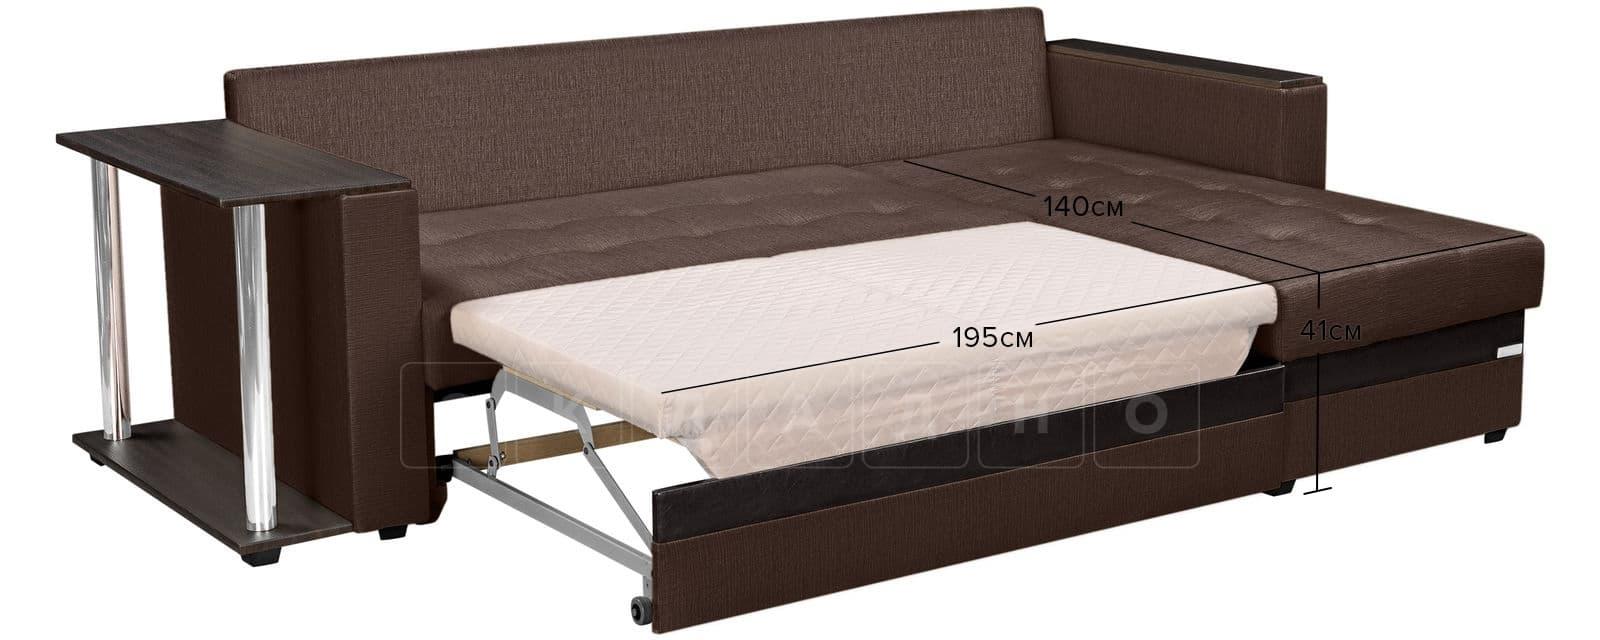 Угловой диван Атланта рогожка коричневого цвета фото 11 | интернет-магазин Складно